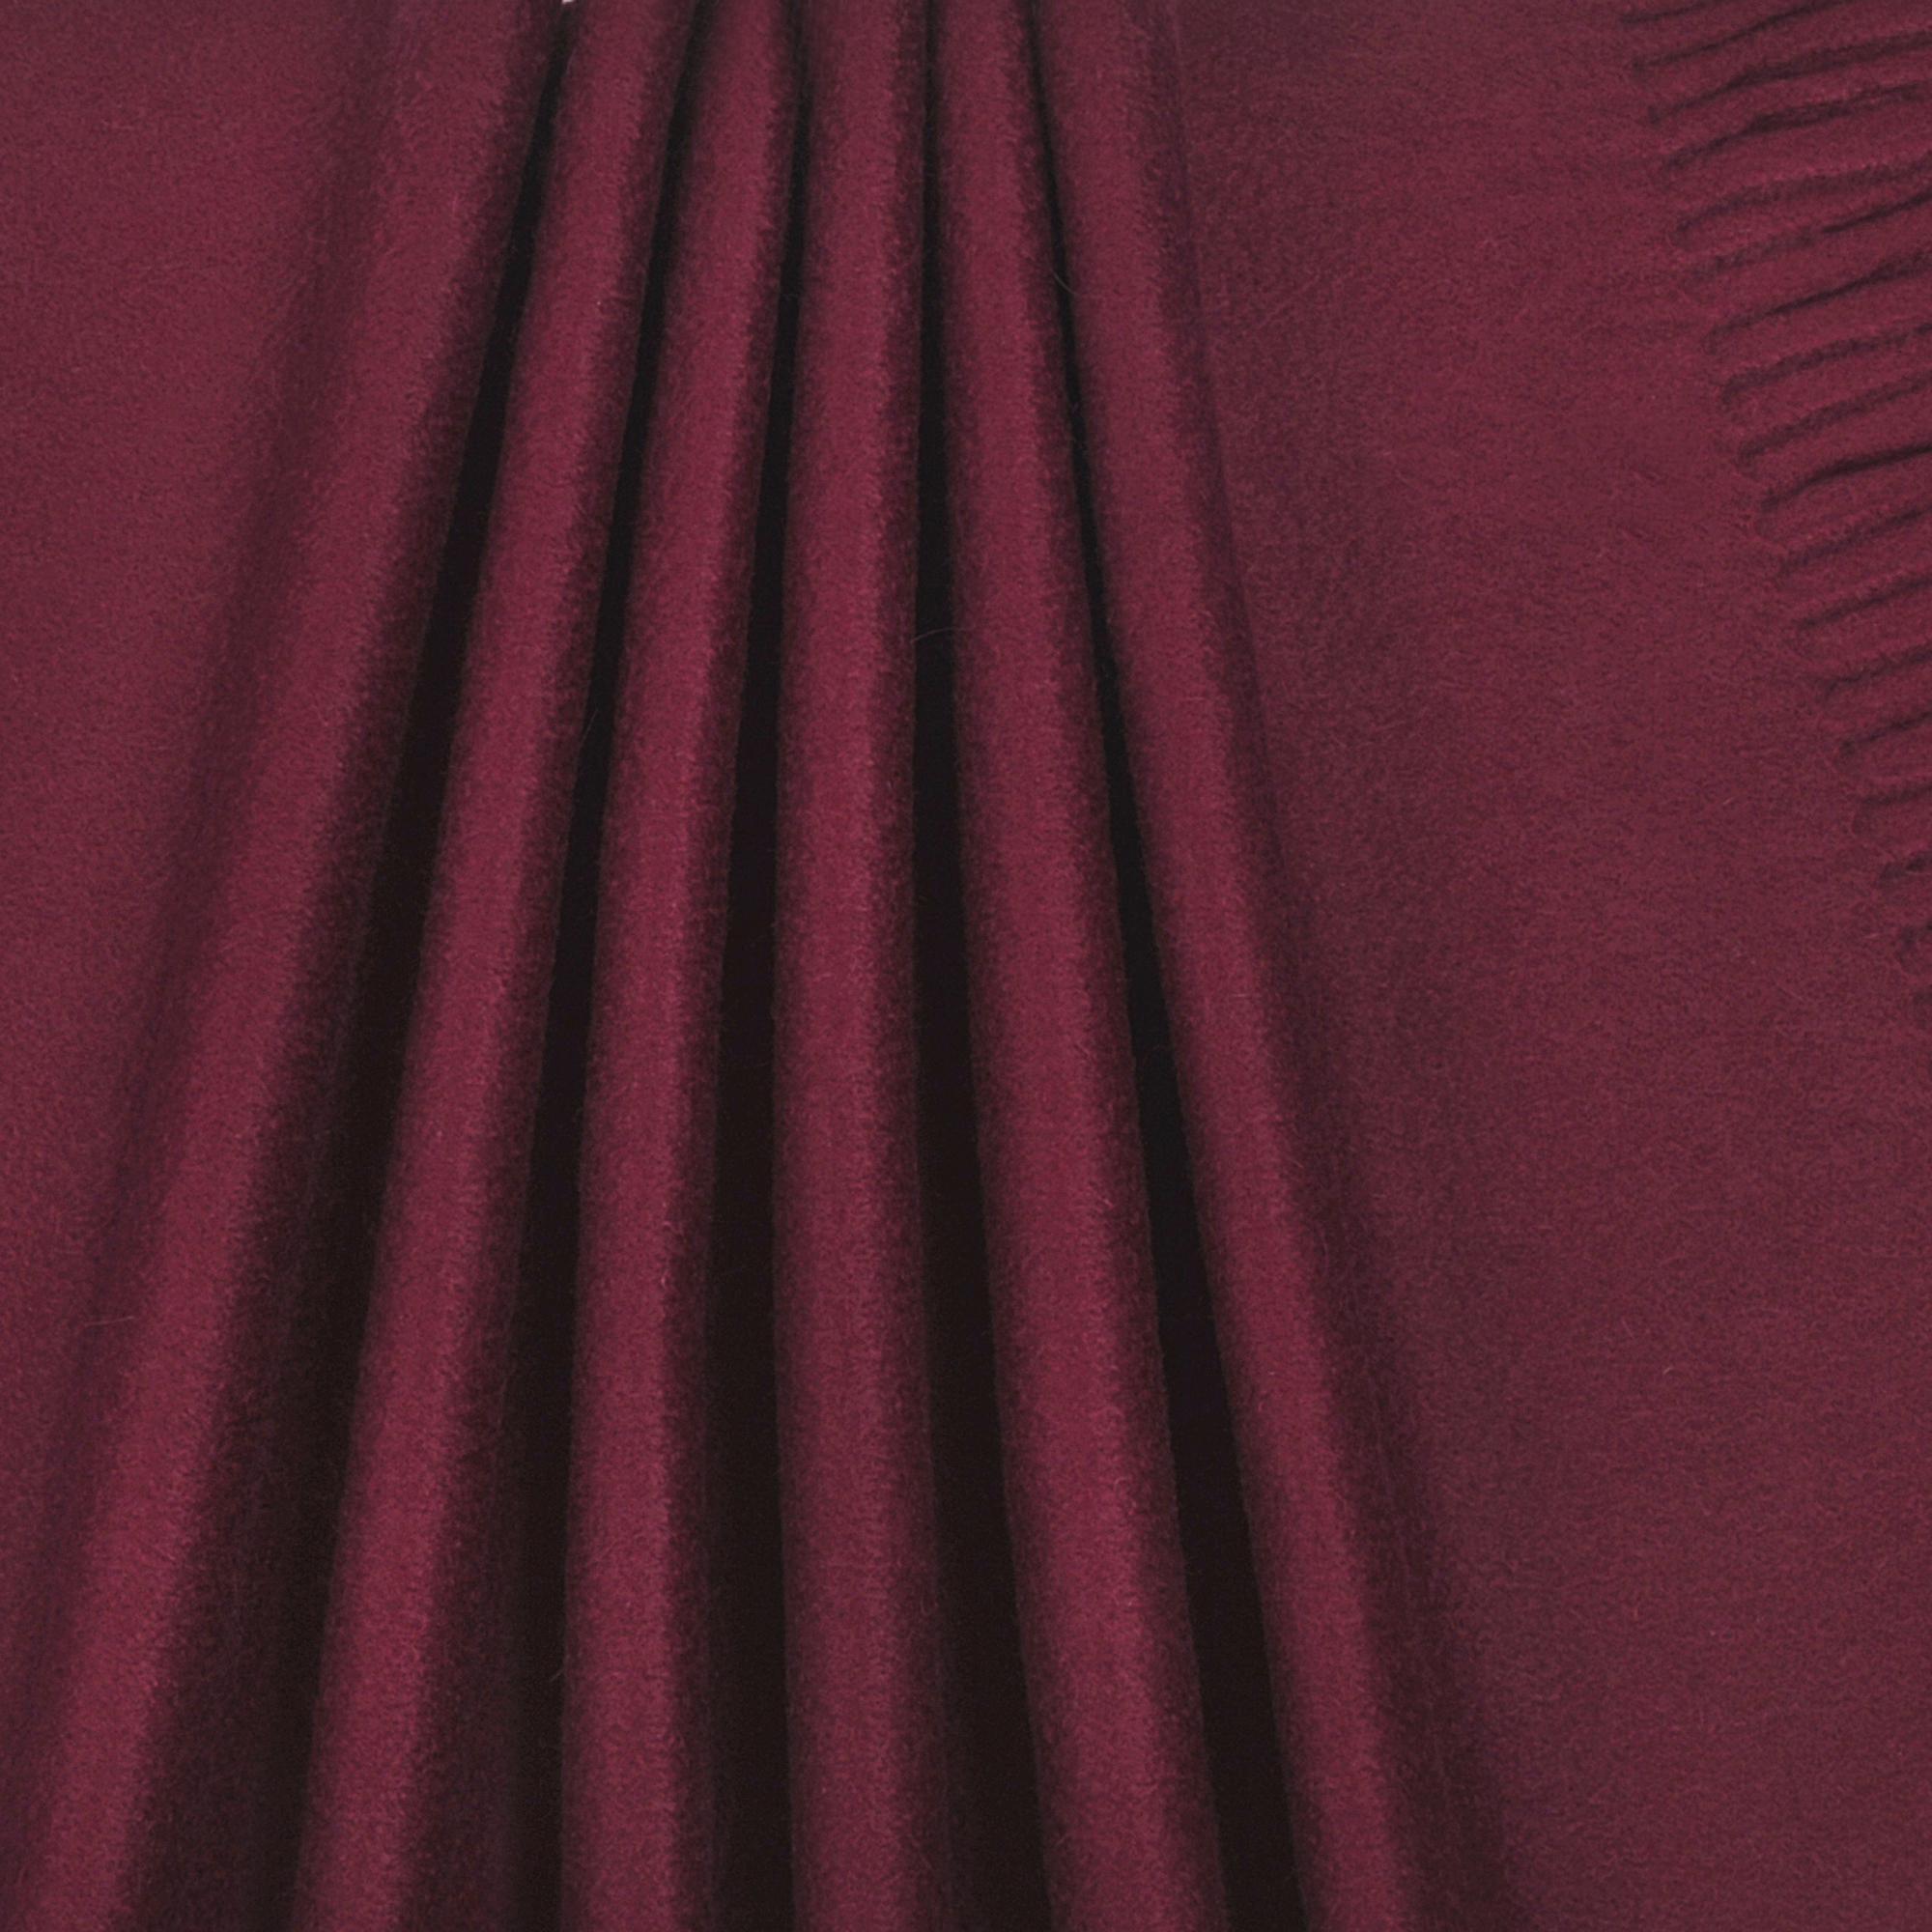 Lyst - Echarpe classique en cachemire rouge cranberry Eric Bompard ... 10893aadabd